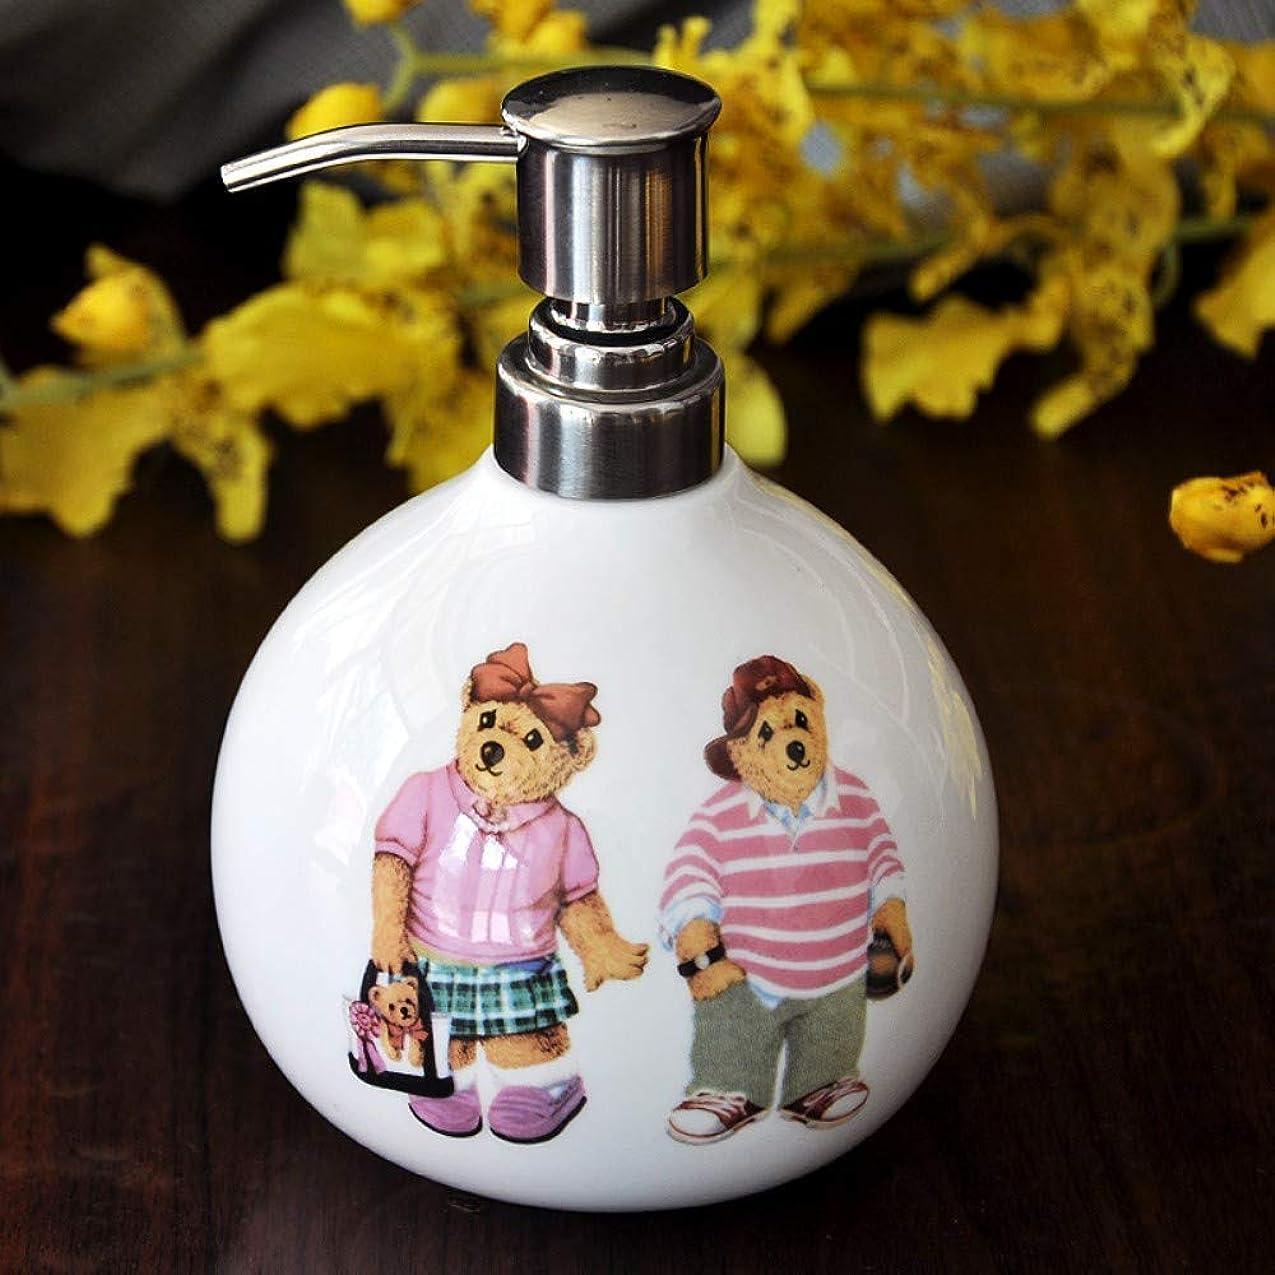 液体失礼な知的石鹸ディスペンサー/ハンドサニタイザーボトルかわいいクマラウンドボーンチャイナプレスノズルローションボトルシャワージェルバスルームホテルクラブハウス